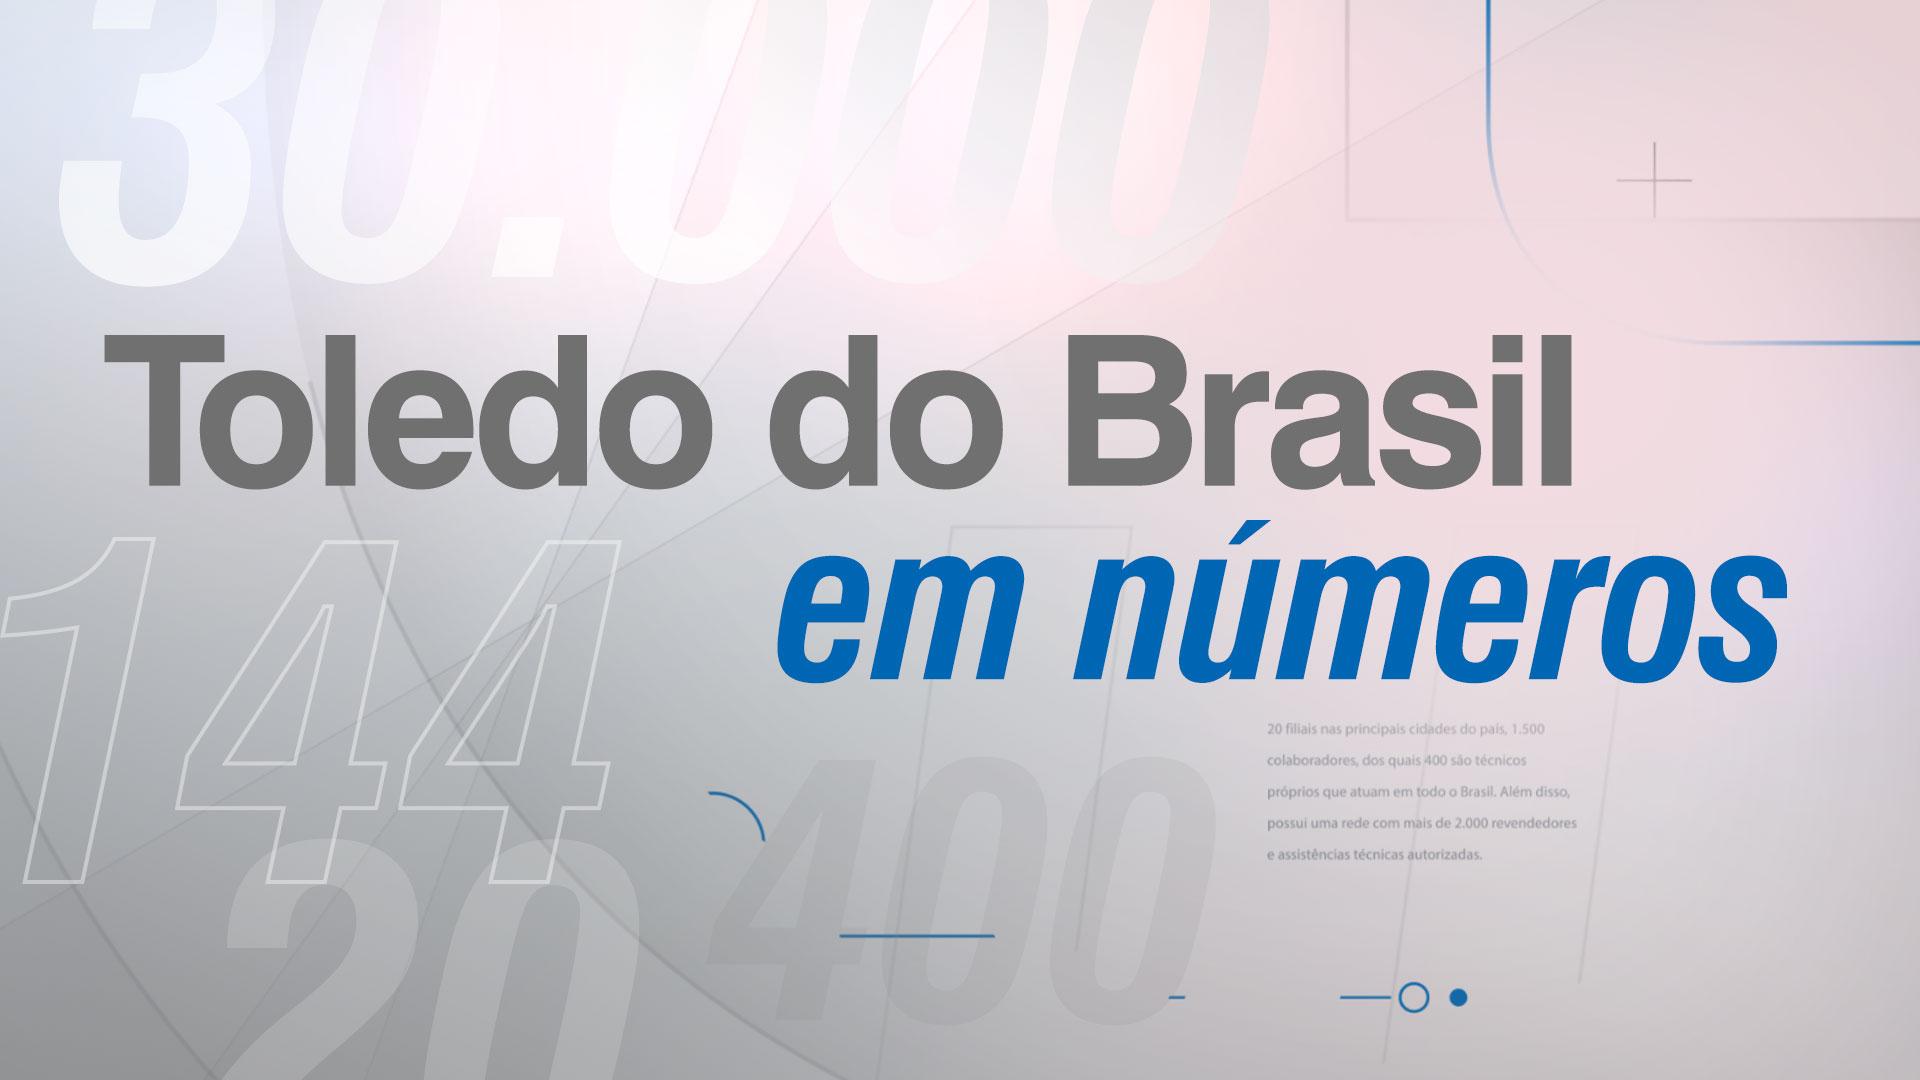 Toledo do Brasil em números